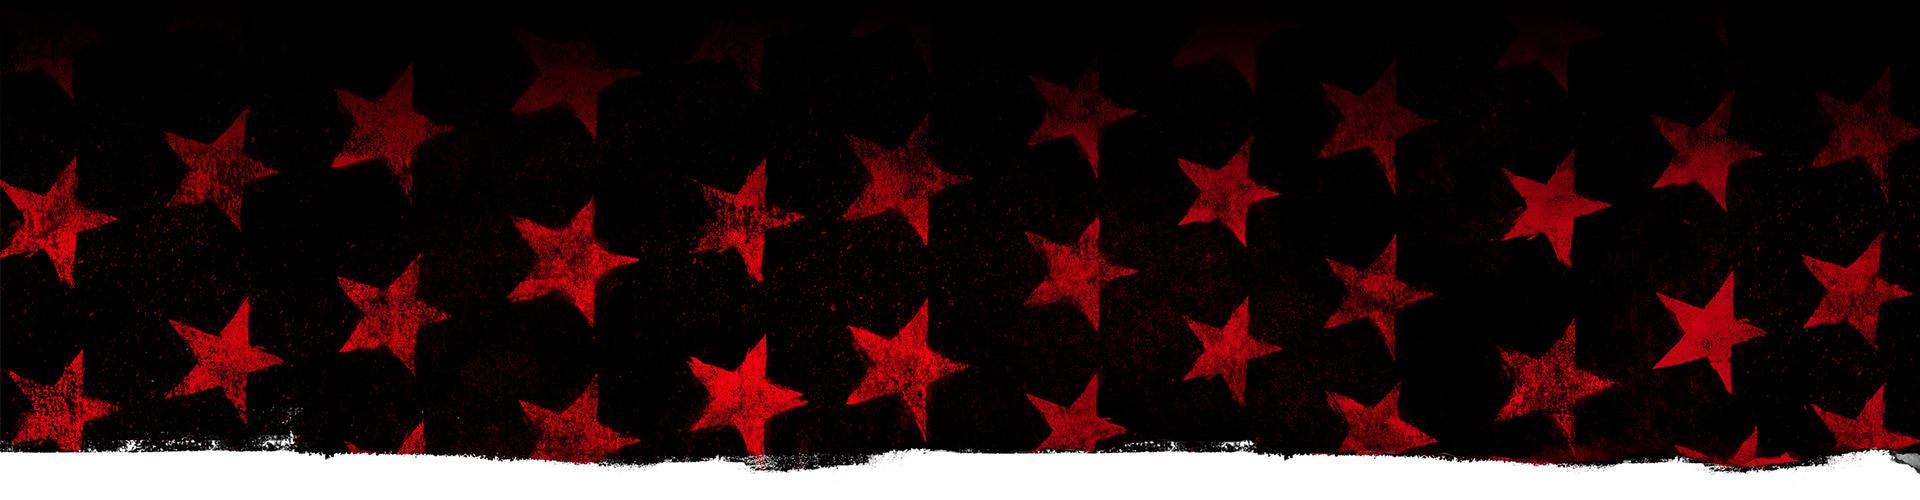 Estrelas vermelhas contra um fundo preto.